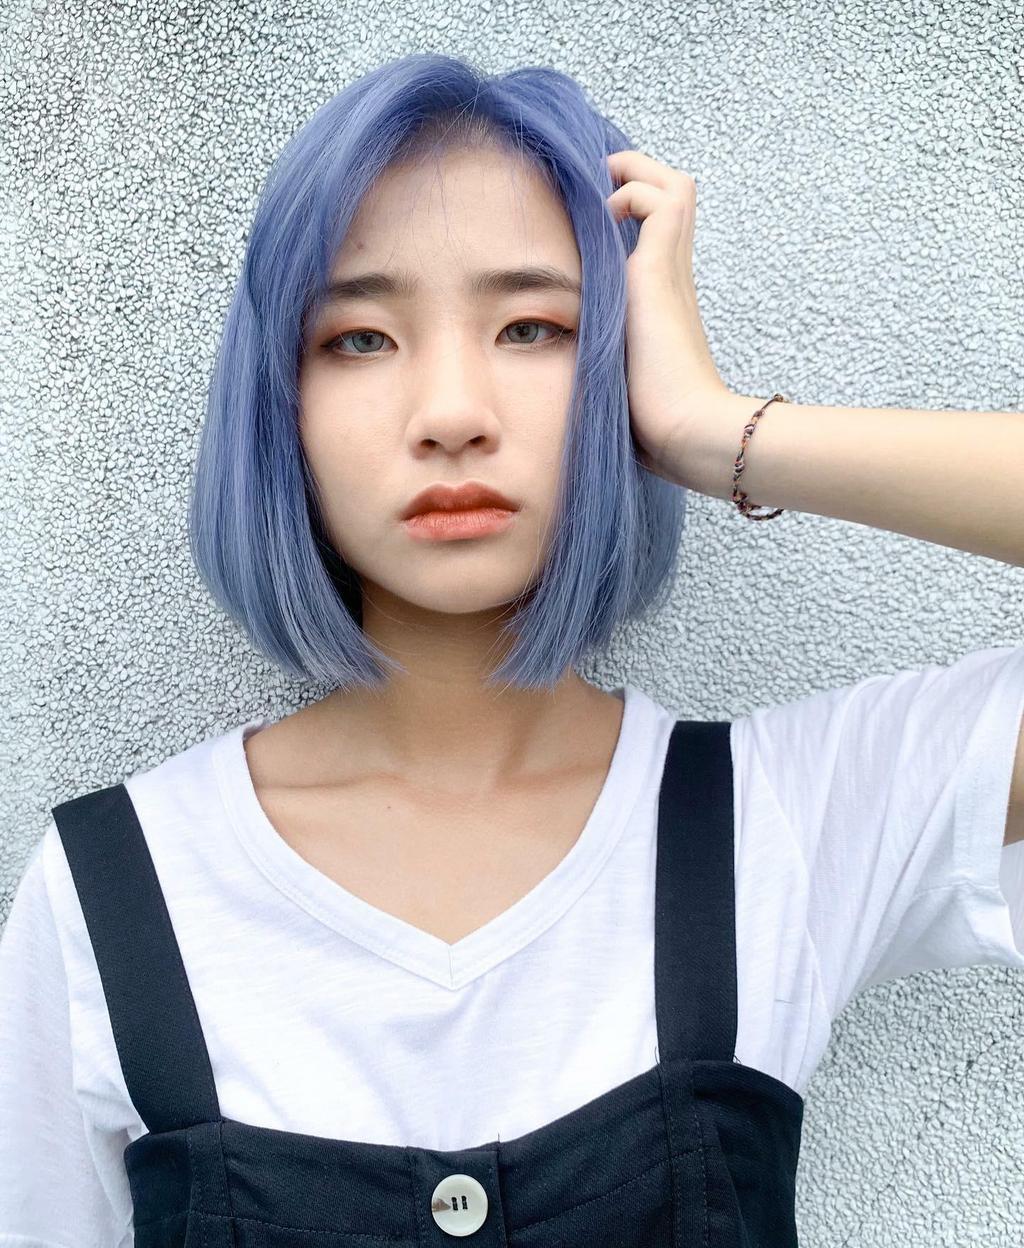 2019秋冬新指標!「霧感光澤」霓光髮色席捲時尚圈